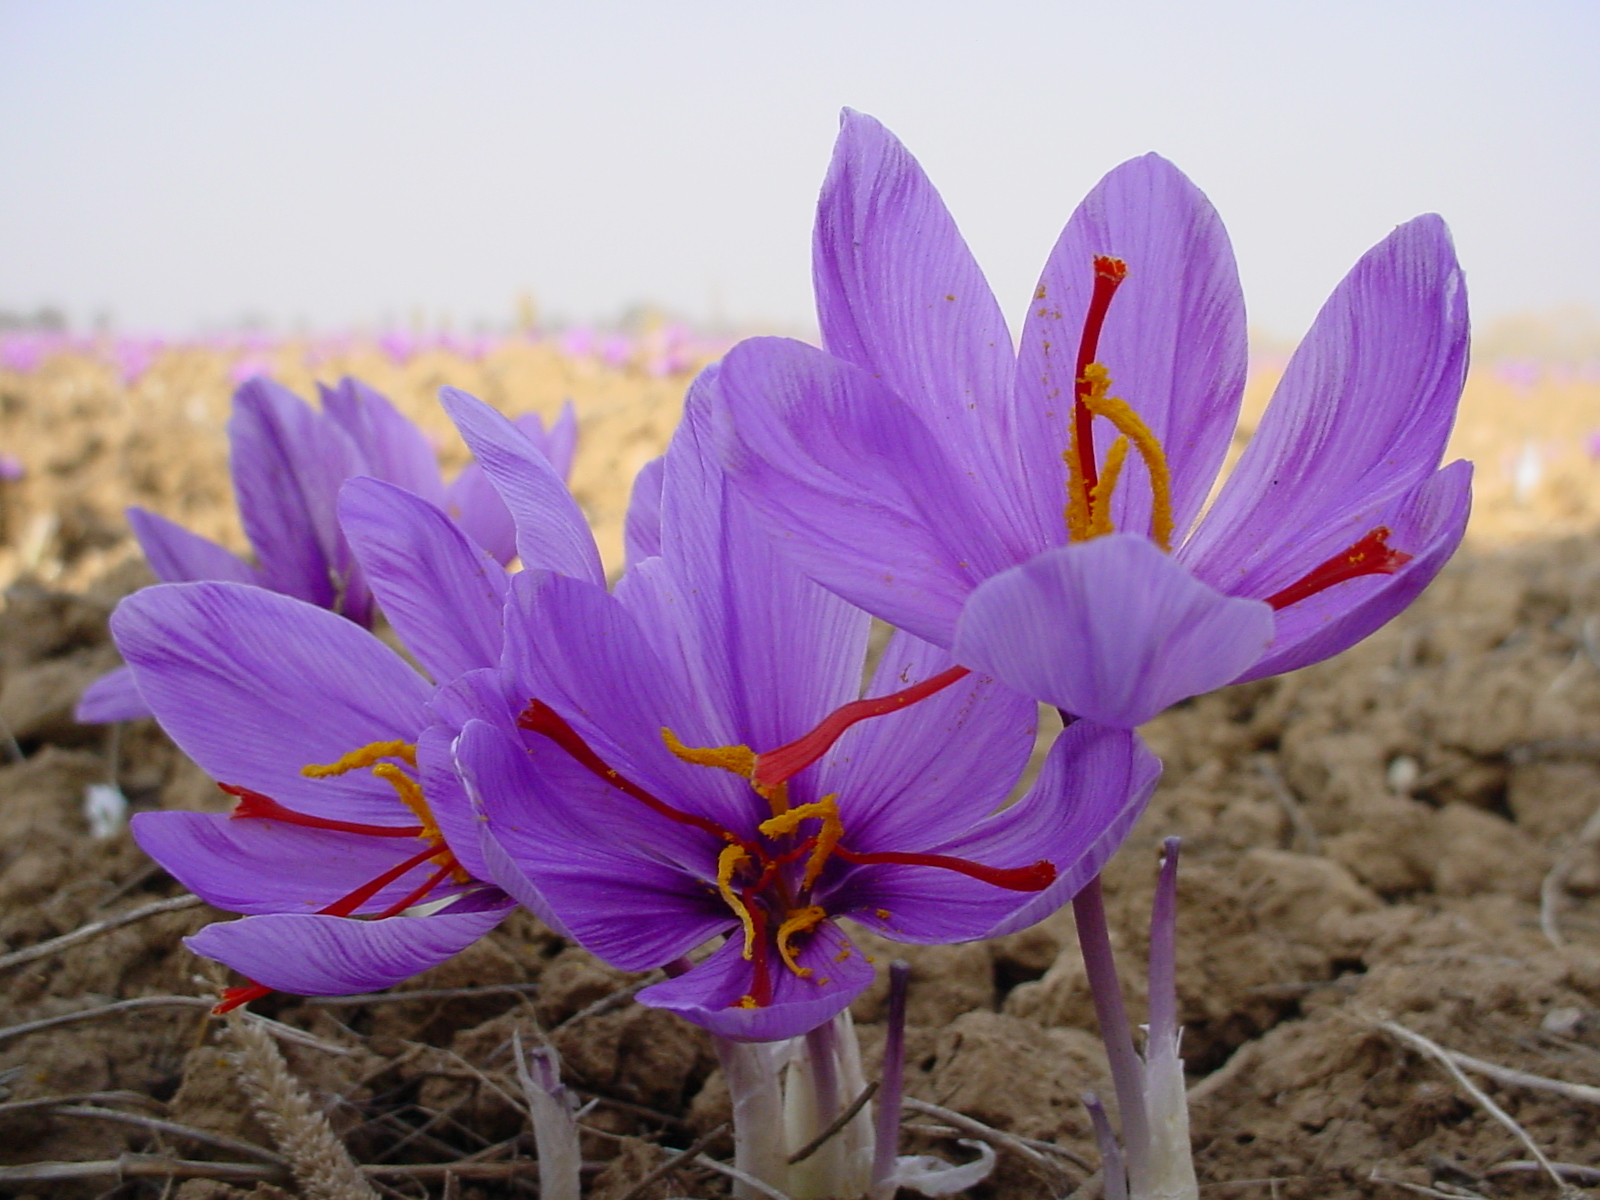 نکات مهم خرید پیاز زعفران